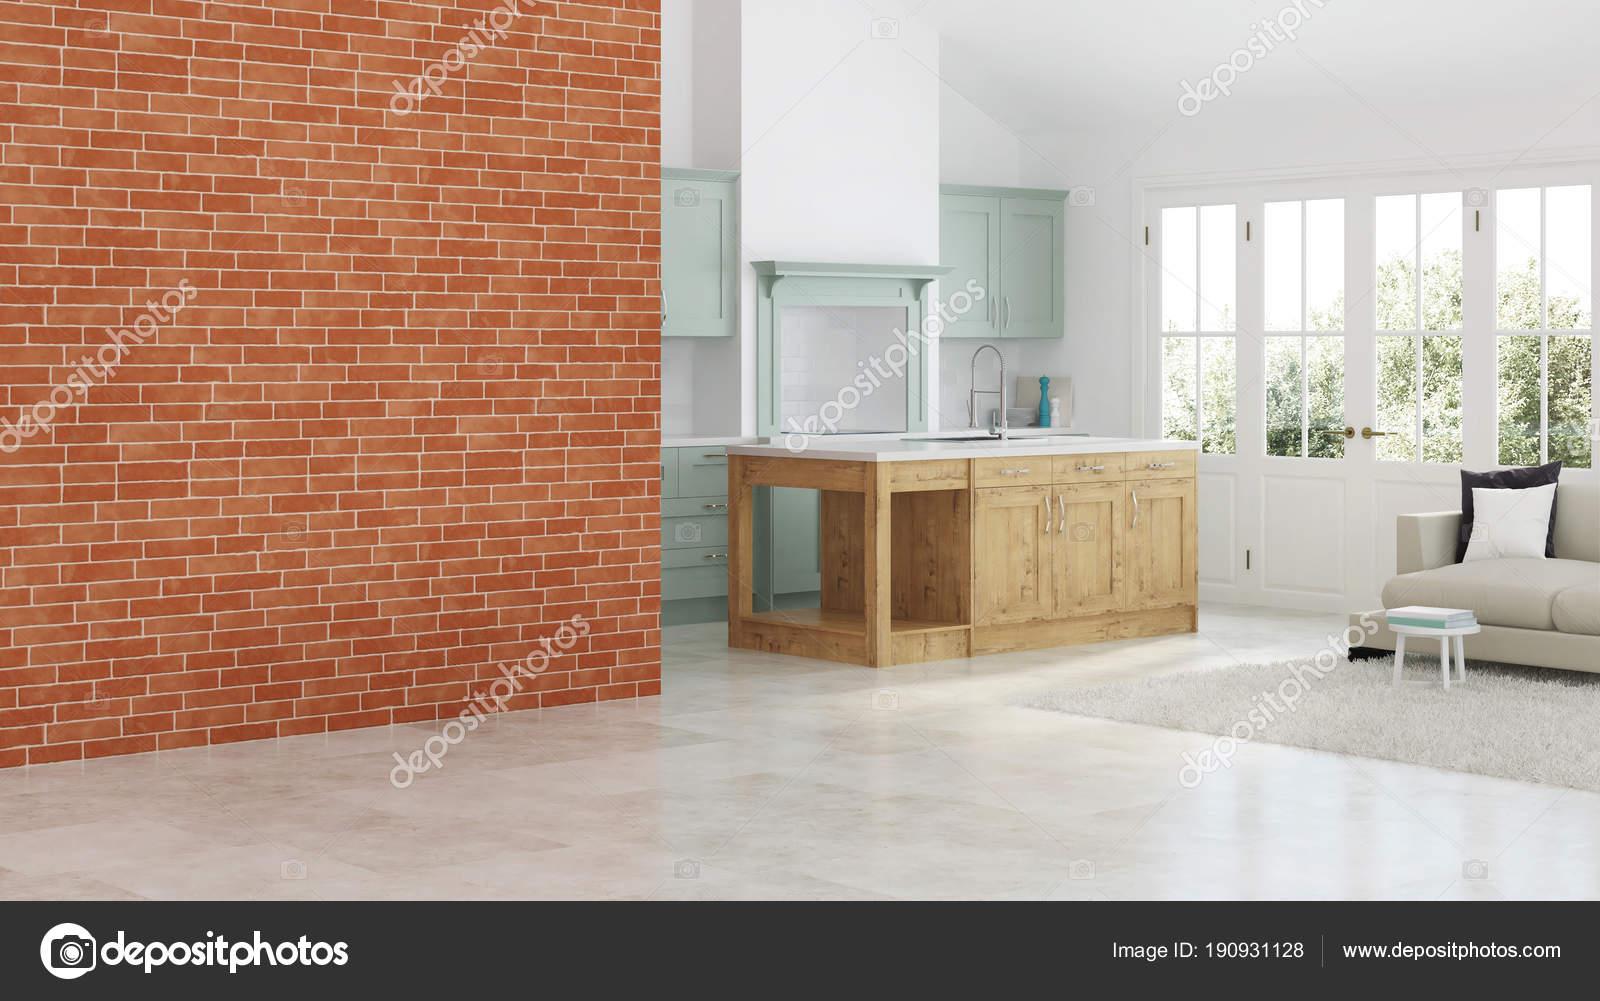 Interni Di Una Casa Di Campagna : Interni moderni una casa campagna cucina verde chiaro porte con